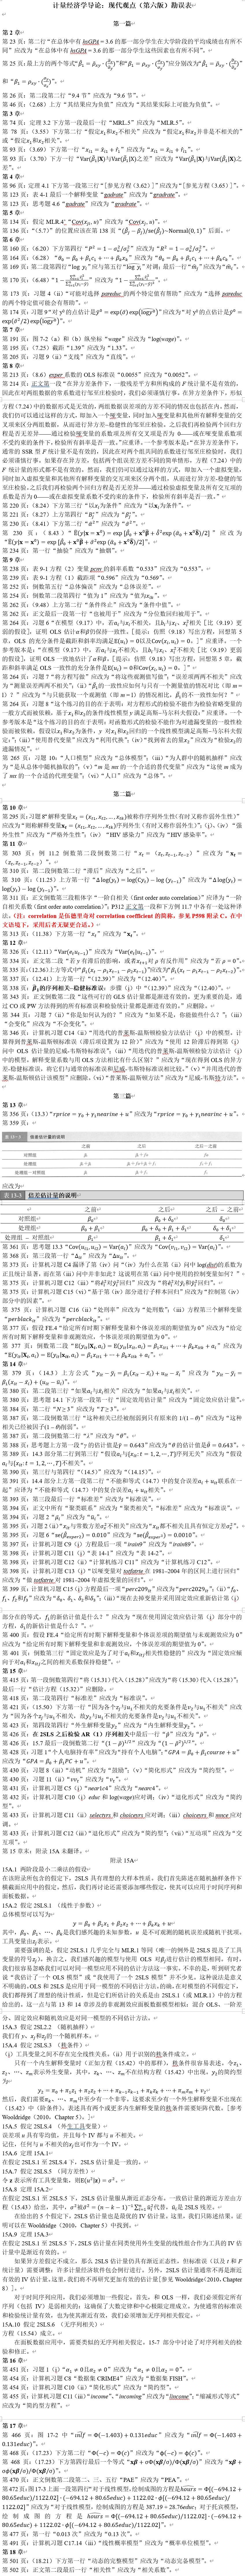 中文版图片